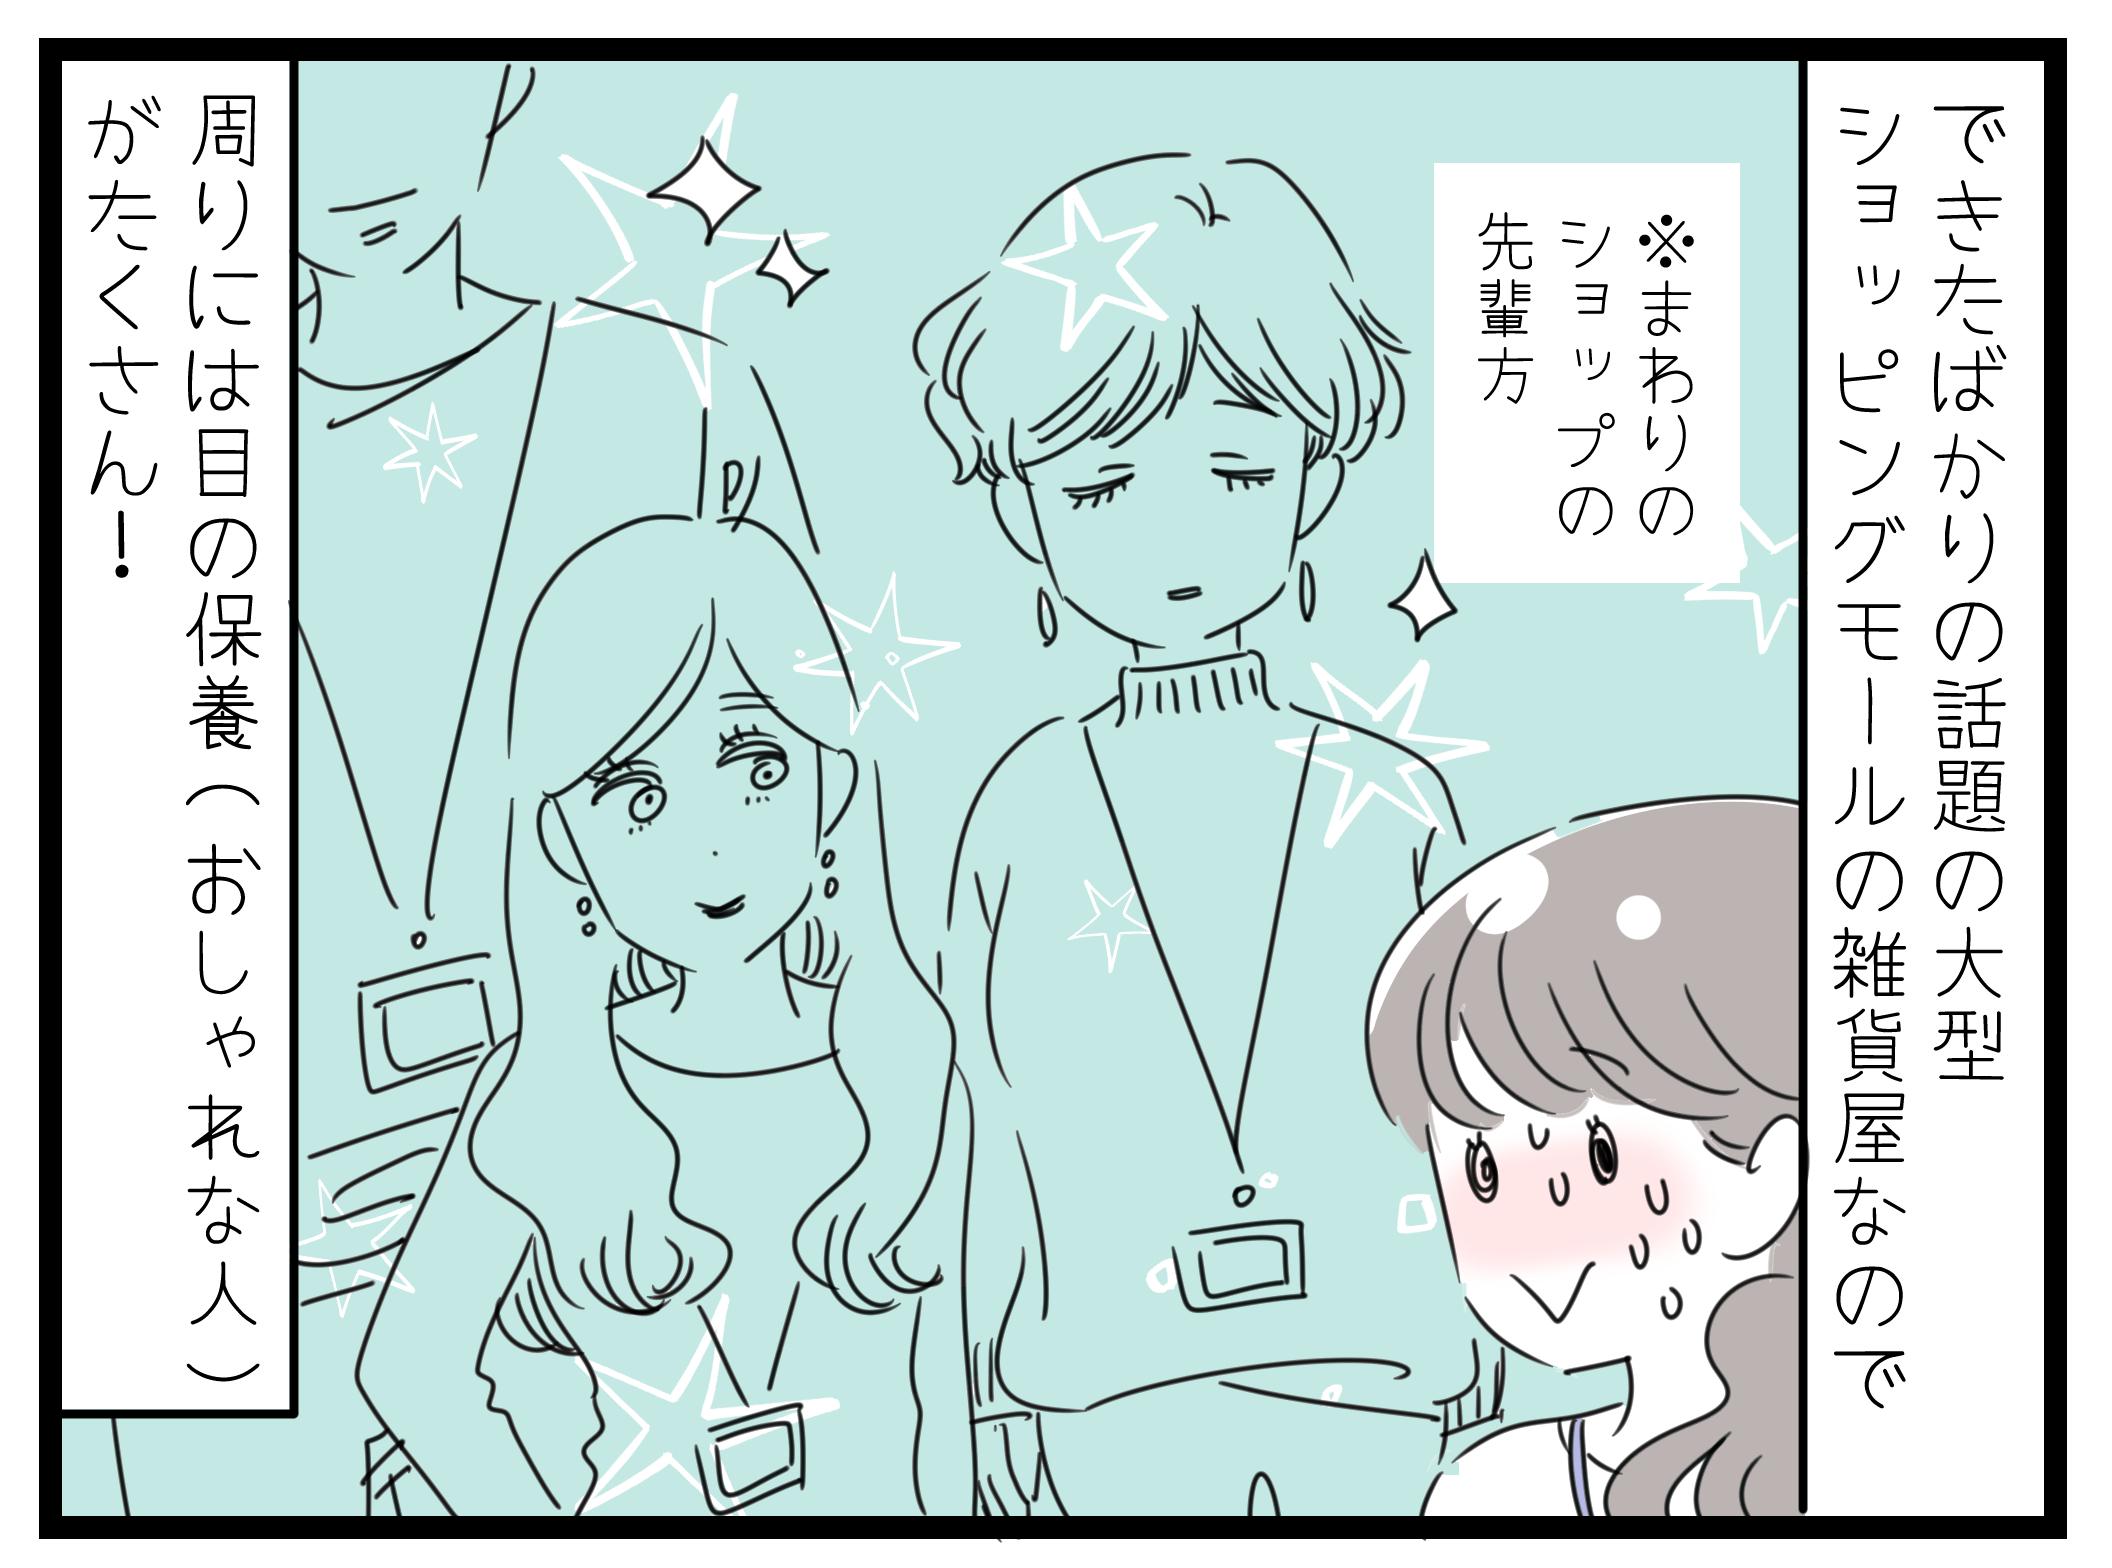 【第8話】ブランク10年目の挑戦~アラフォーママ、初めての転職~